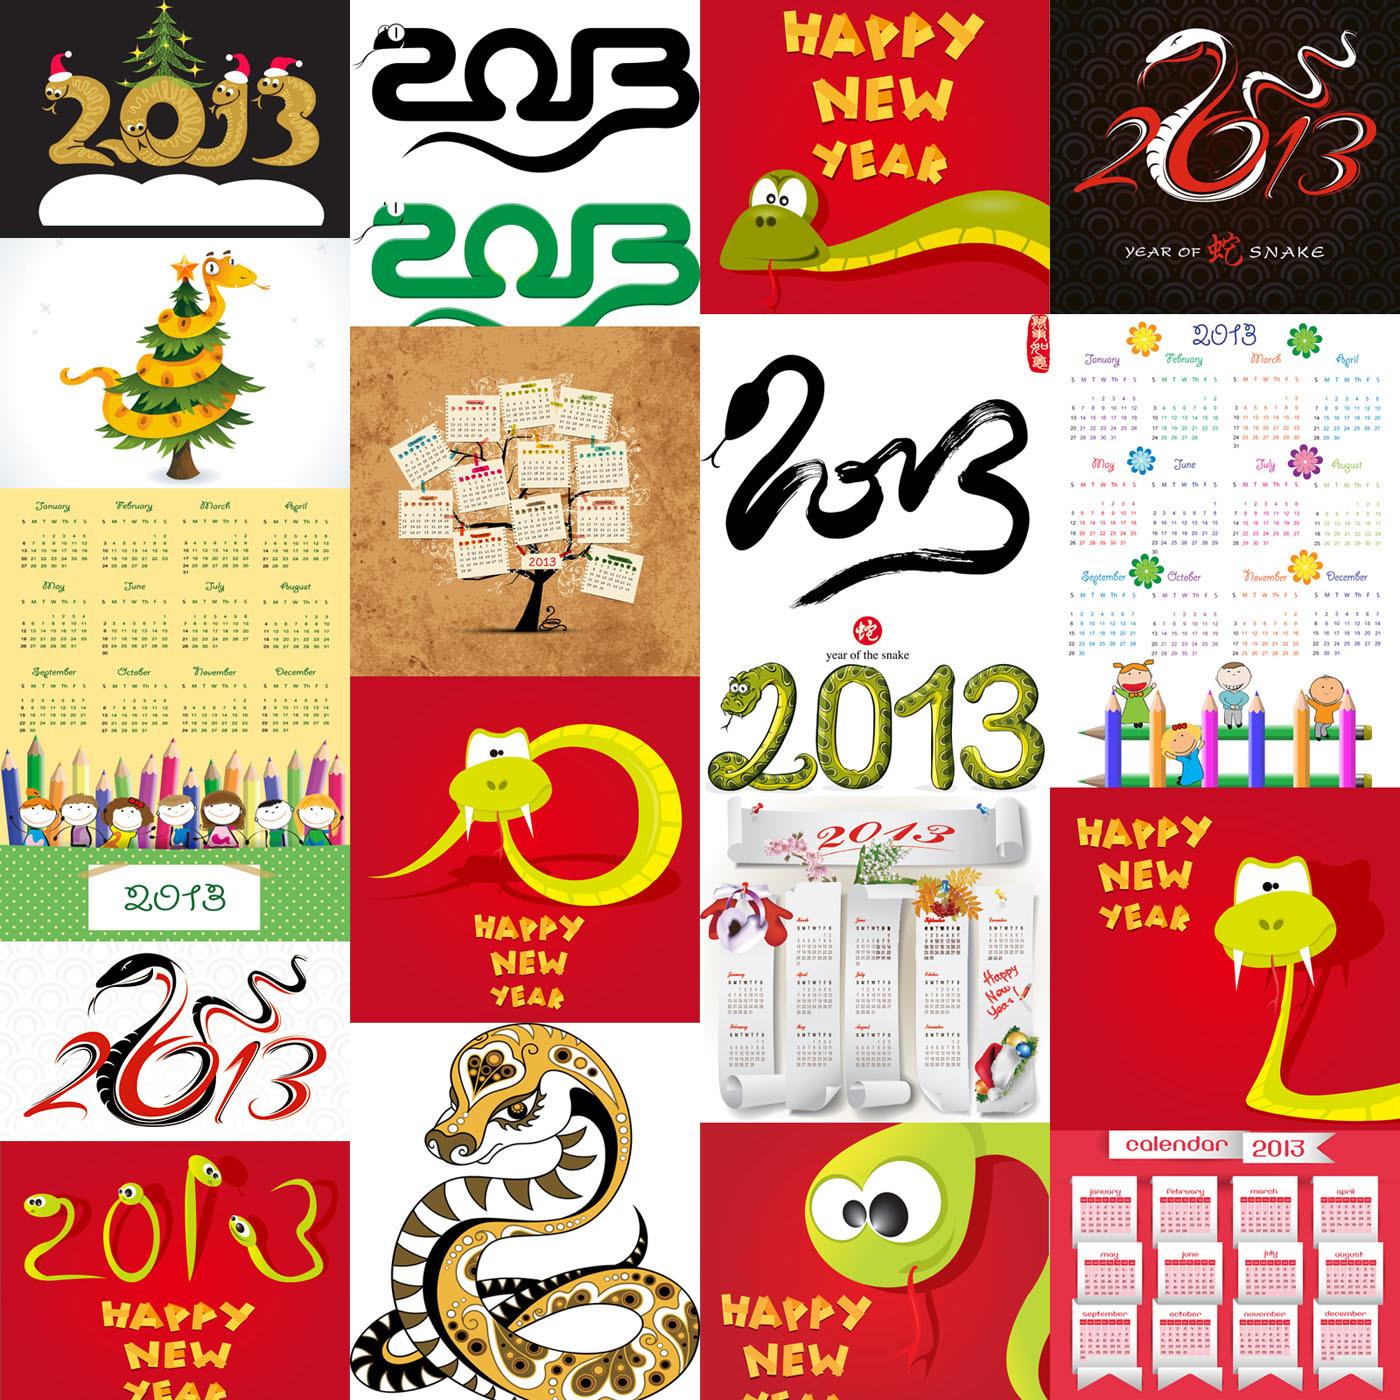 18套2013年蛇年历海报卡通文字图案挂历日历台历贺卡模板矢量素材商品图片